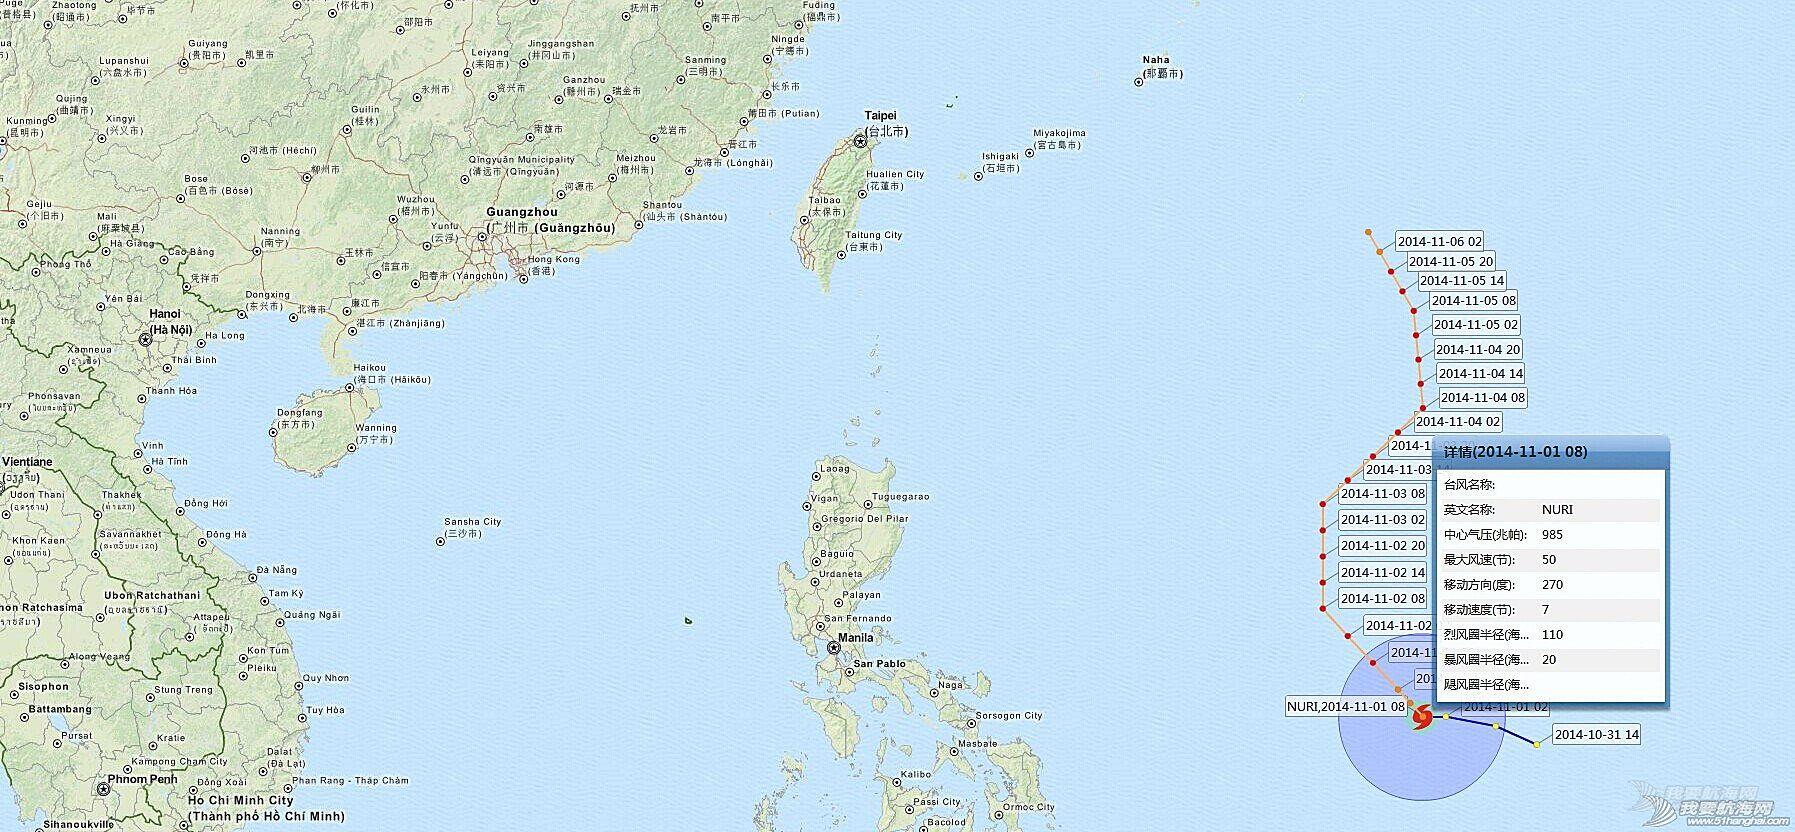 台风,气象导航,航海气象,海洋气象,太平洋台风 20141101 台风鹦鹉(Nuri)